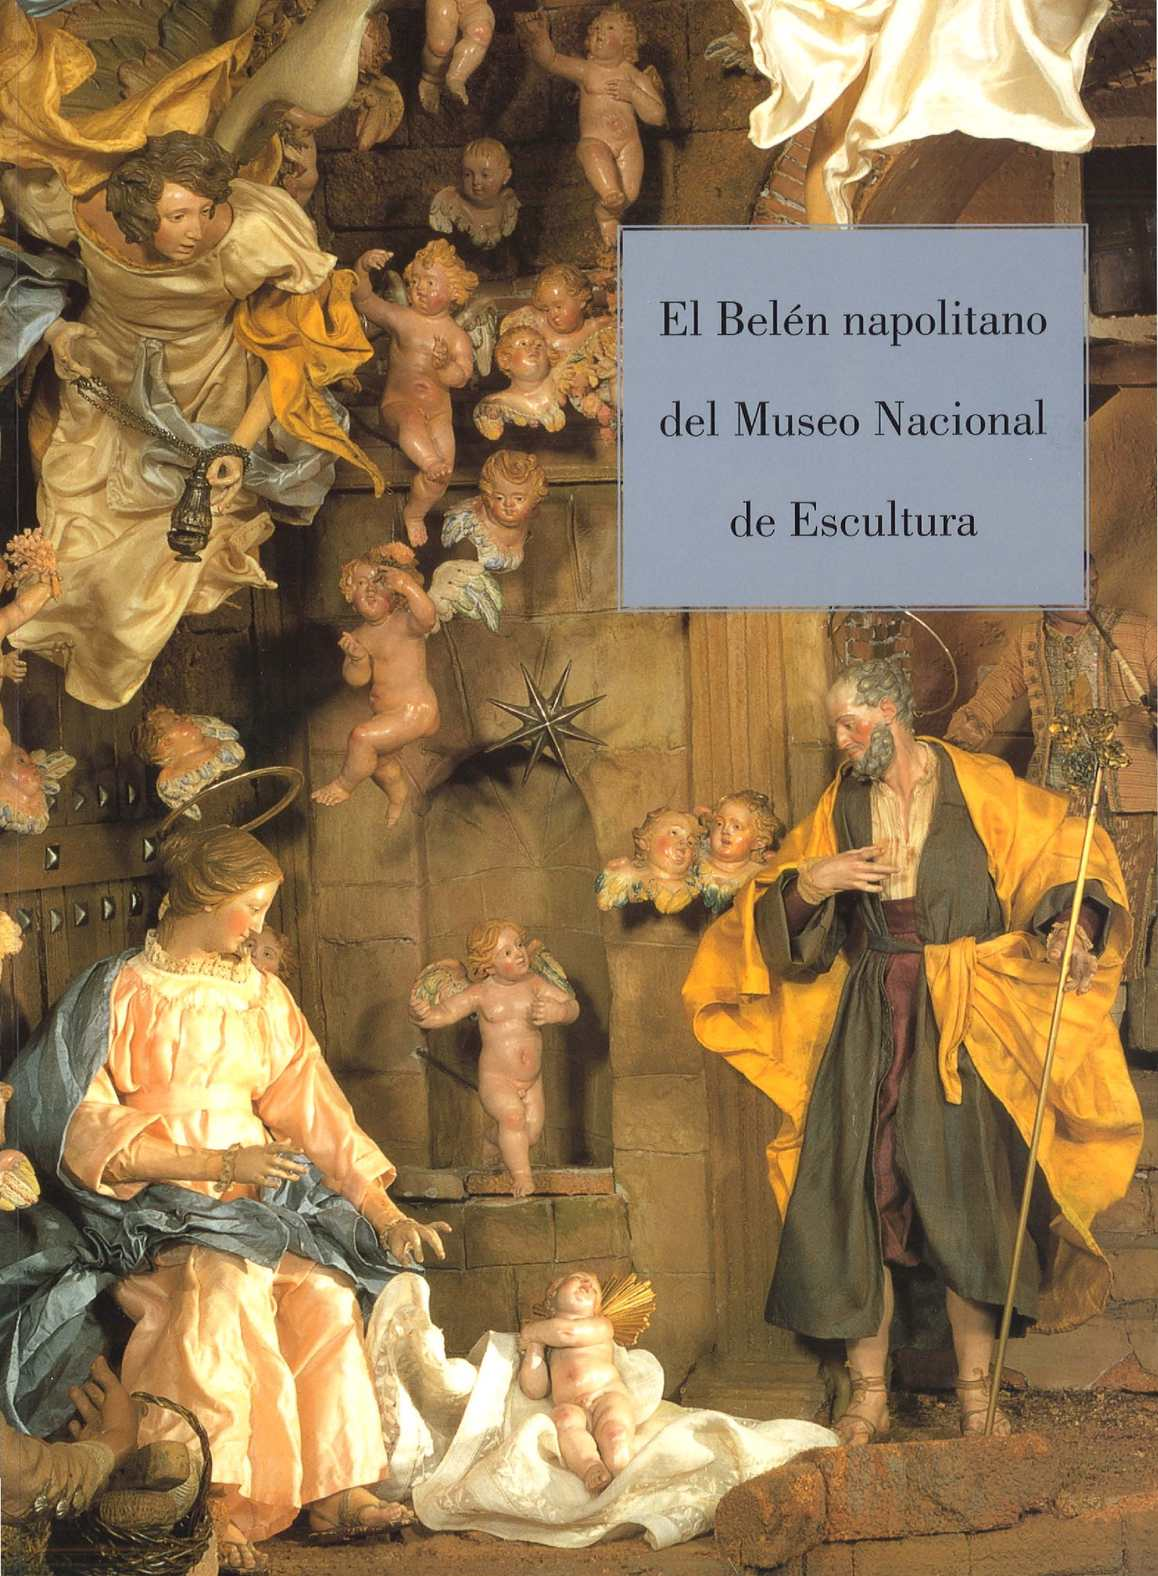 54b6880c1ad Calaméo - Belén Napolitano del Museo Nacional de Escultura